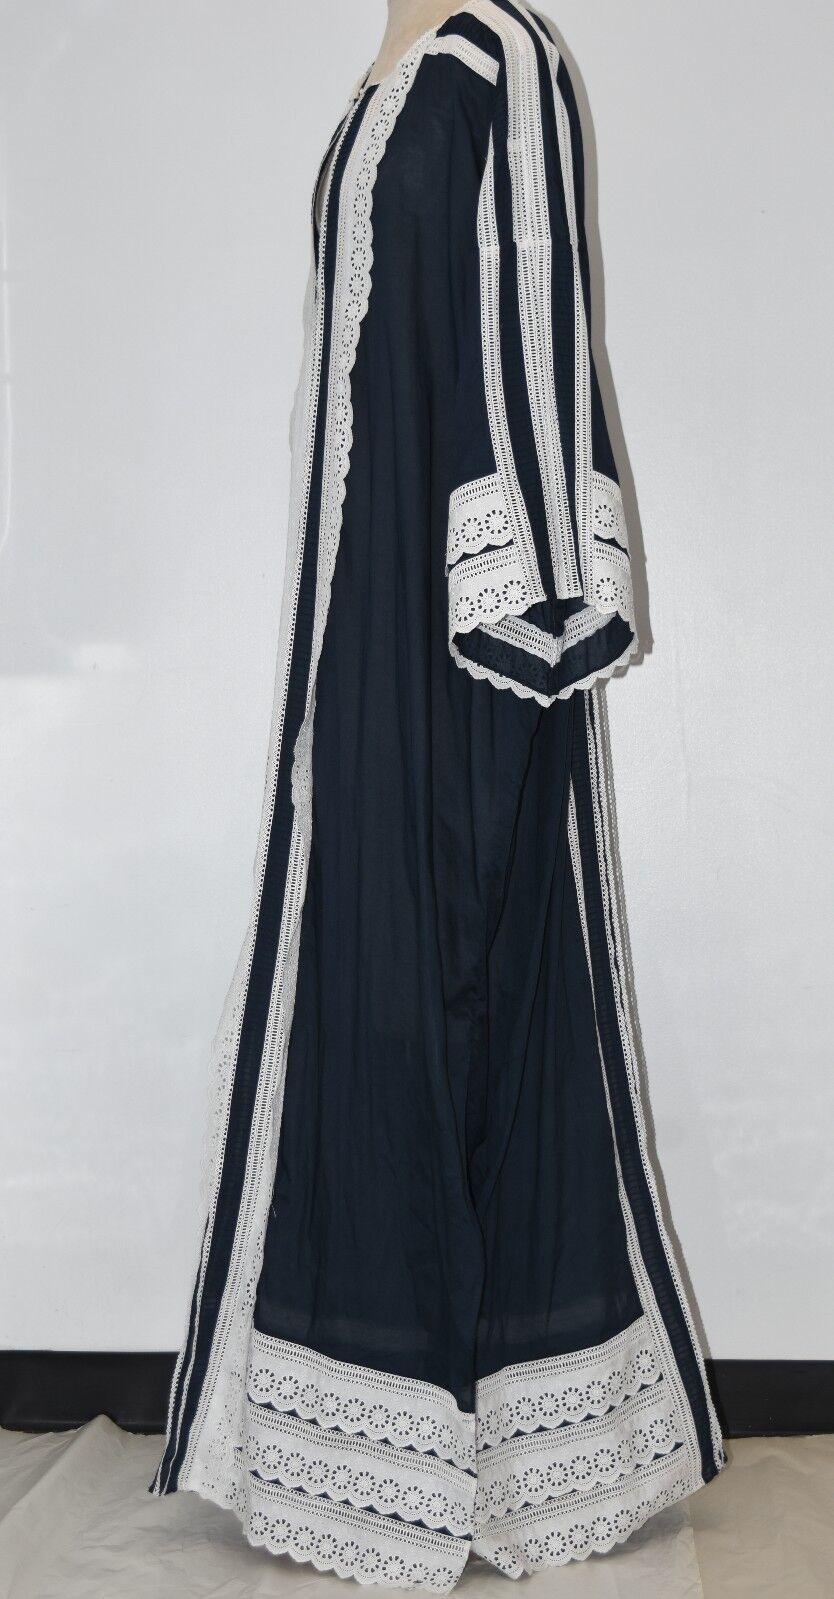 3290 New Oscar de la Renta Navy White Eyelet Lace Cotton Caftan DRESS Gown